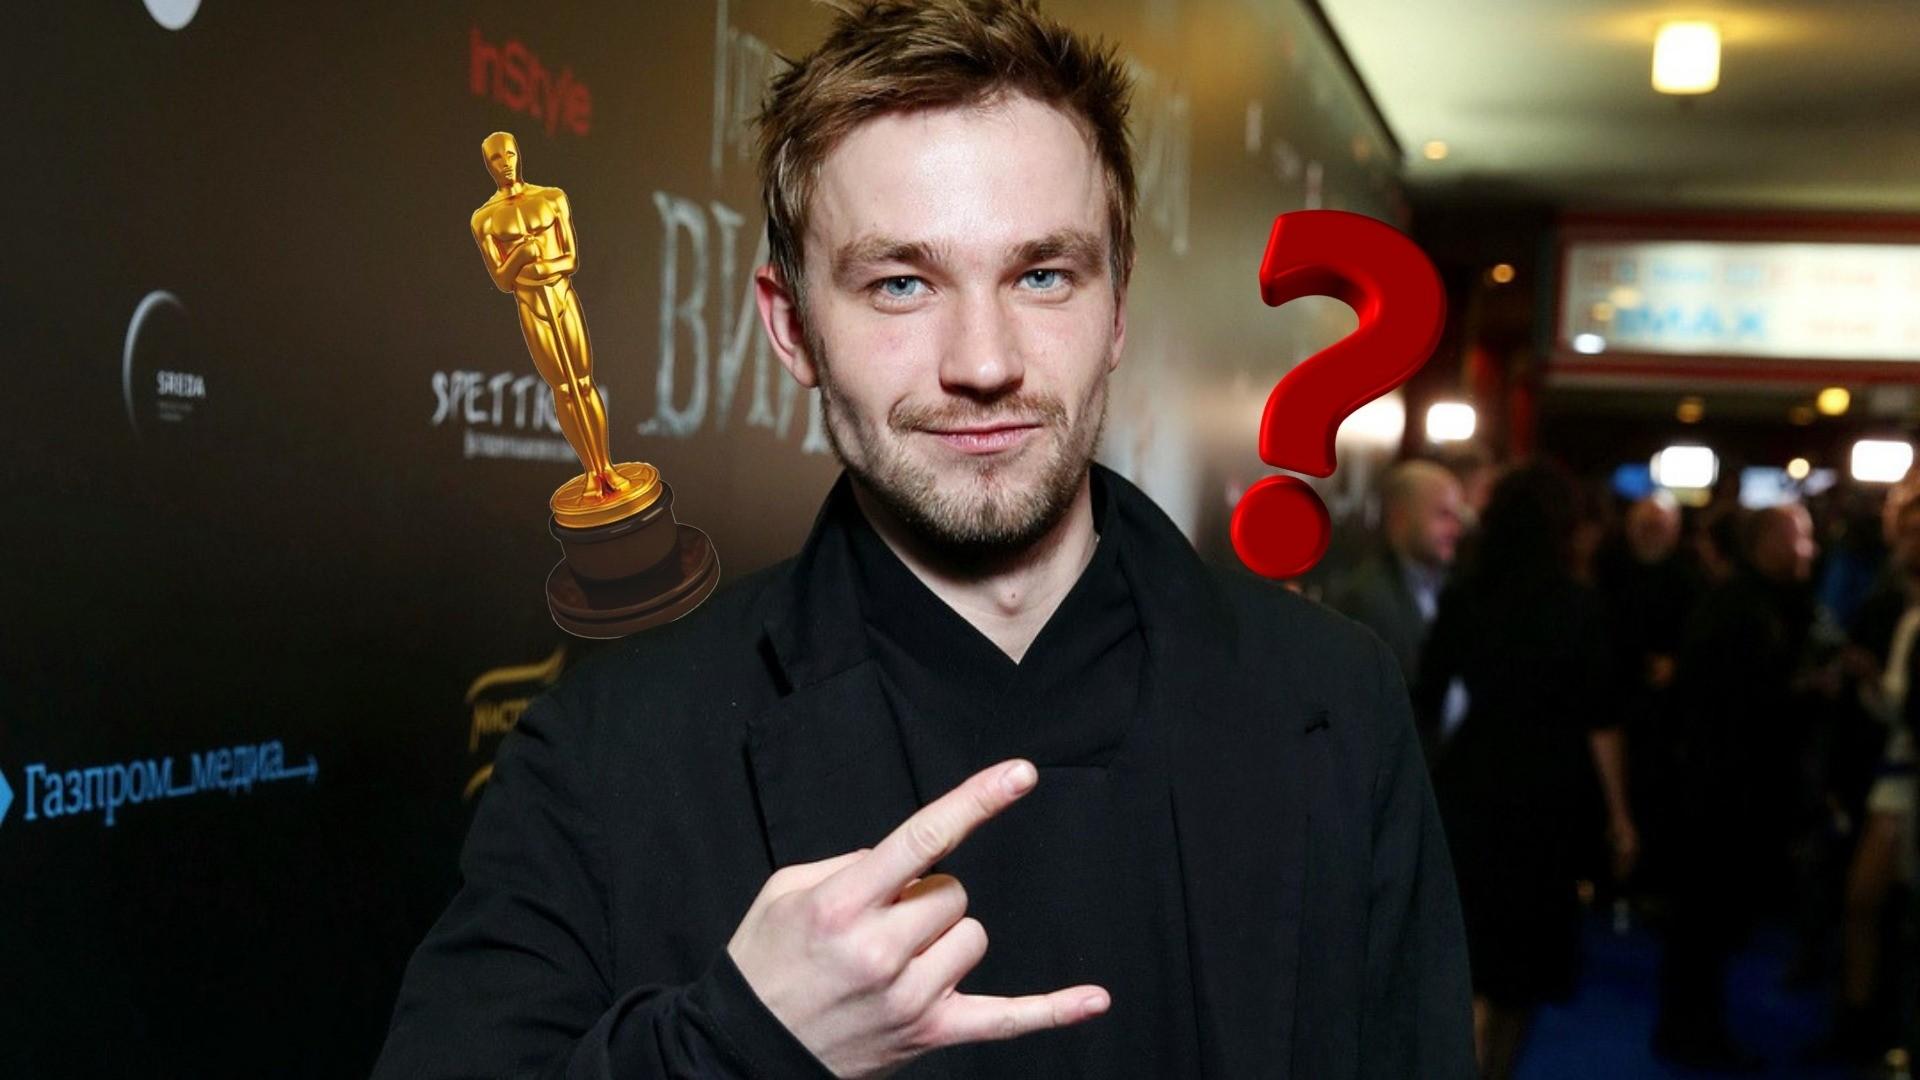 Александр Петров может получить Оскар: предсказание ясновидящей